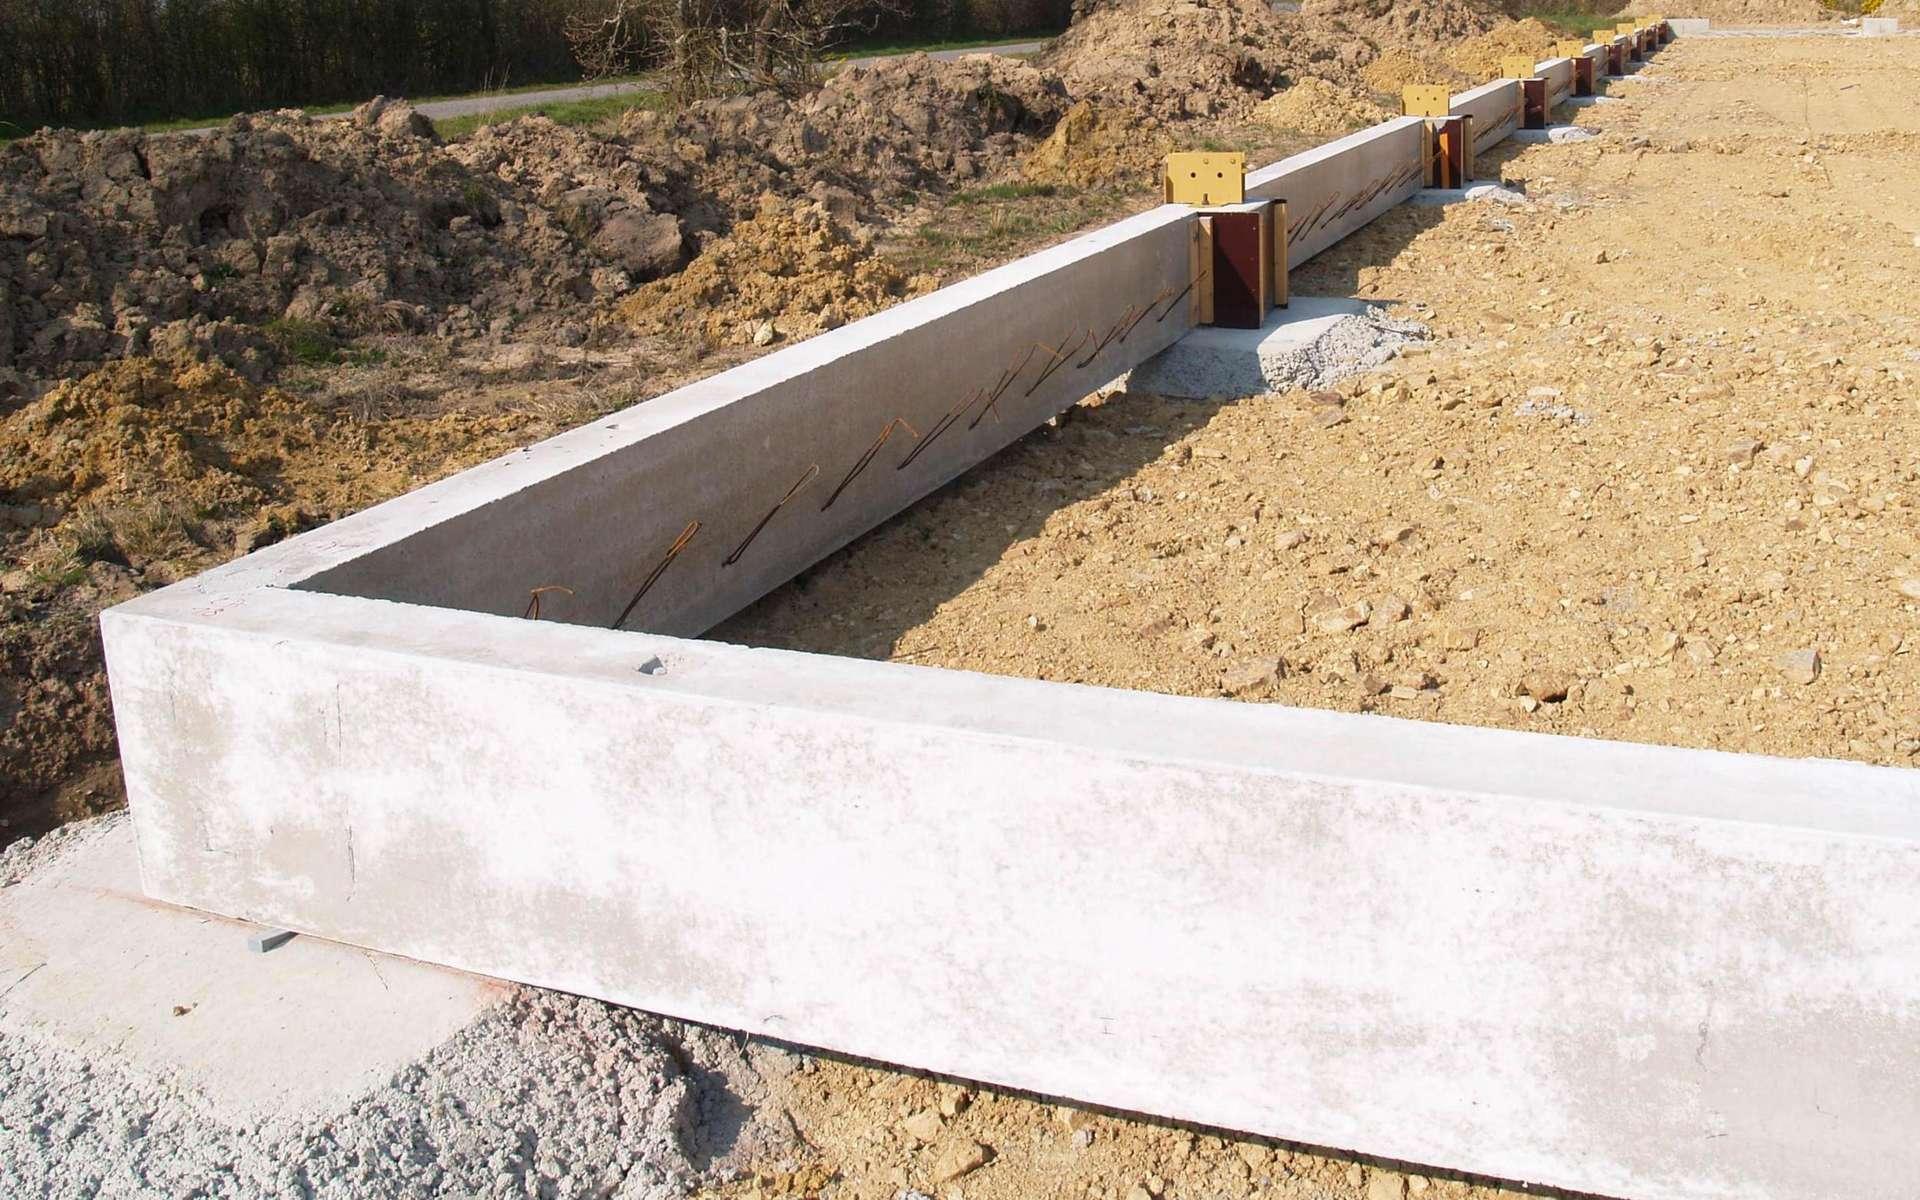 Longrines de fondations préfabriquées en béton armé. © Maison Bleue